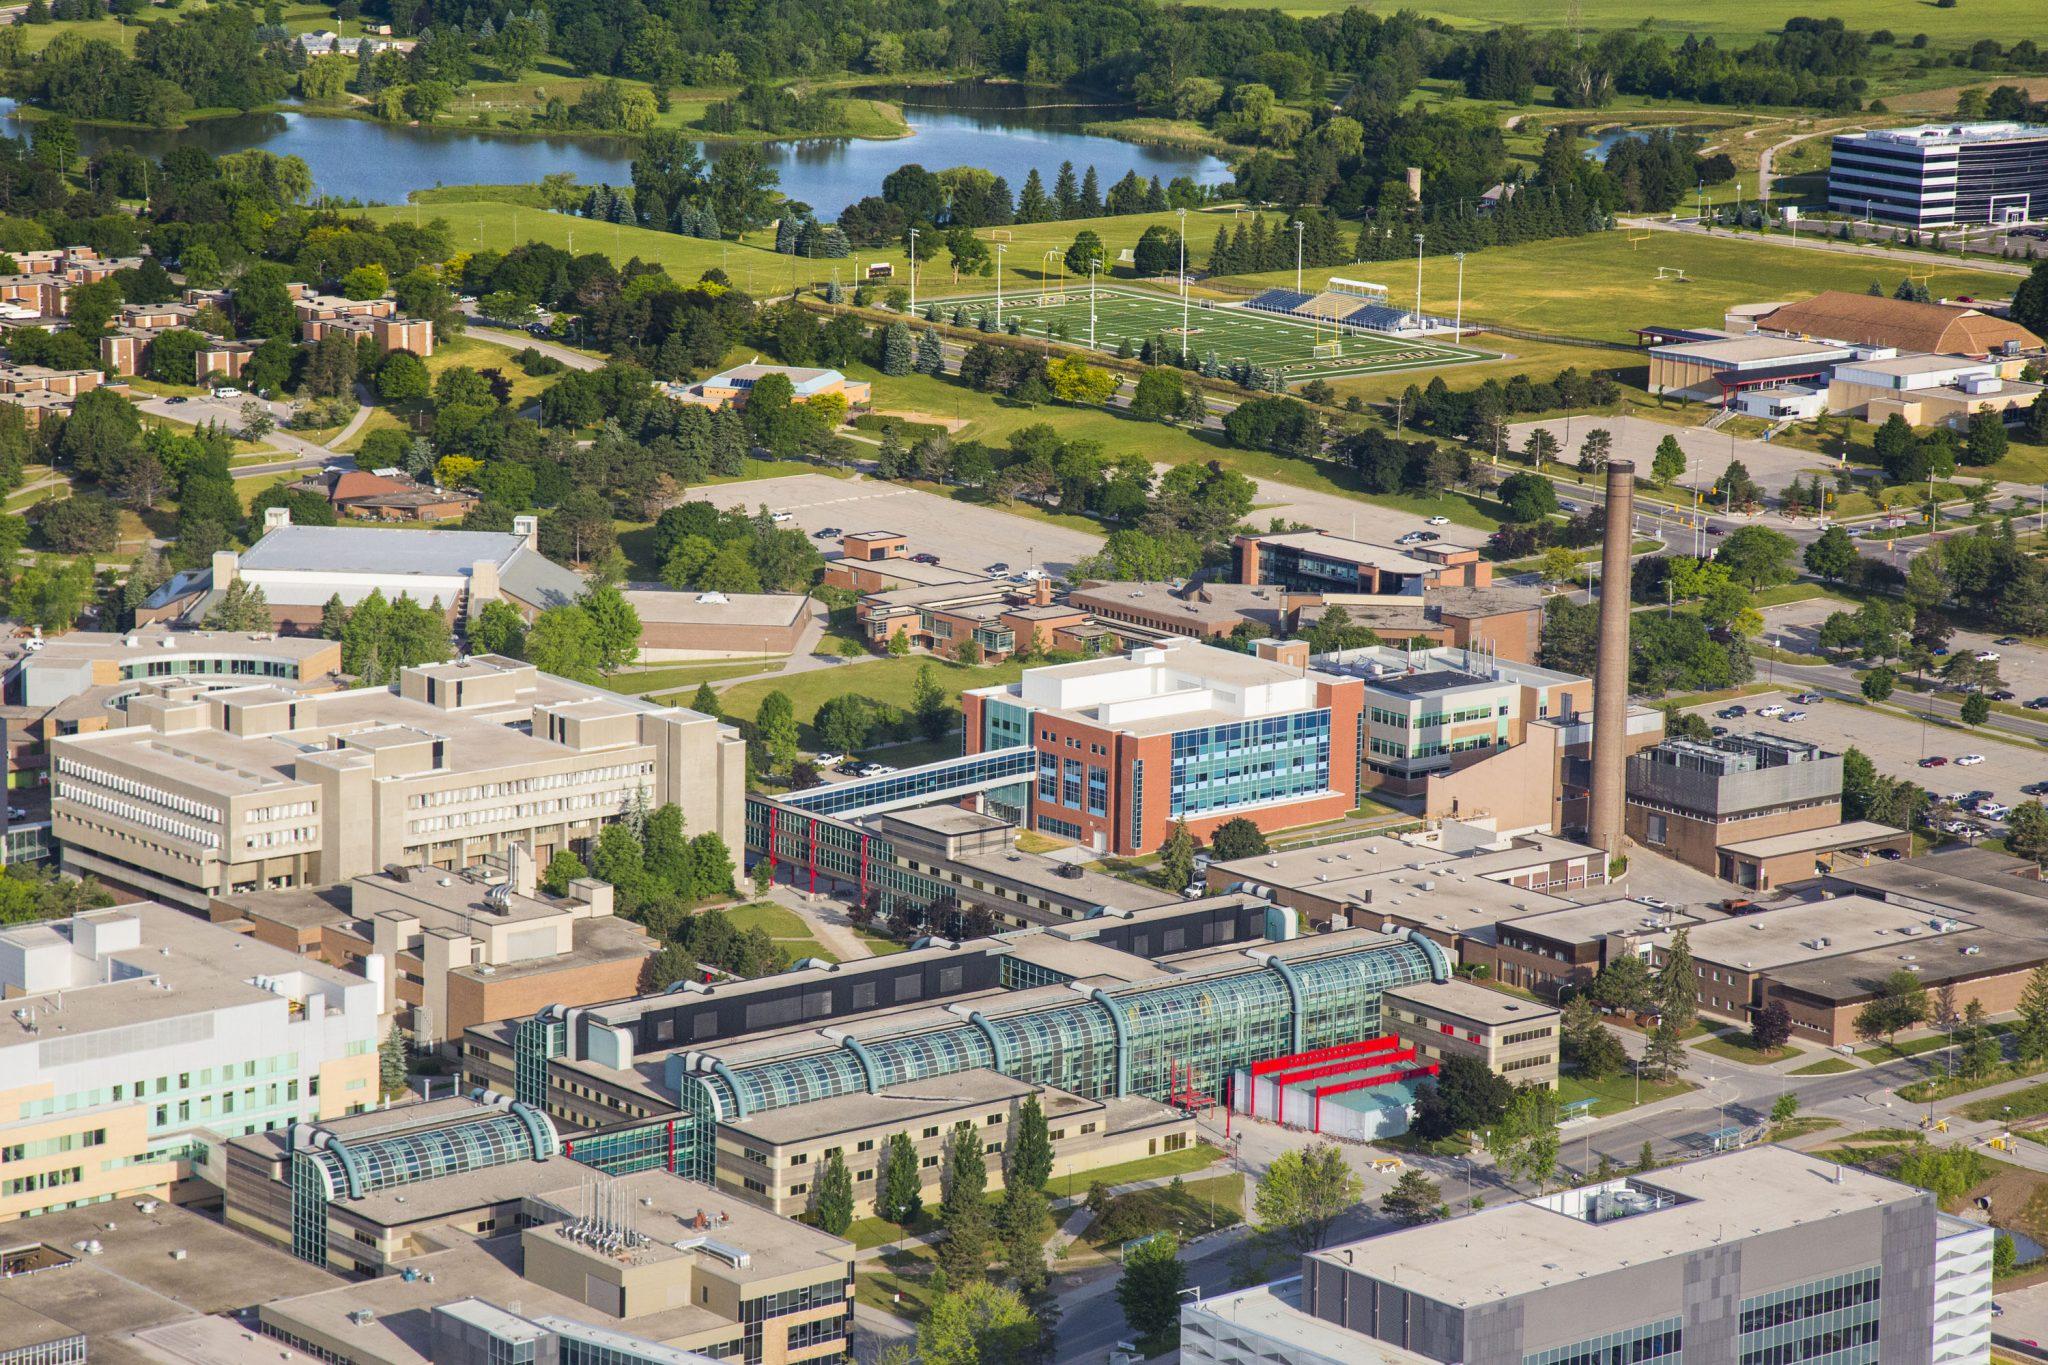 Đại học Waterloo là trường đại học nghiên cứu công cộng ở Canada.